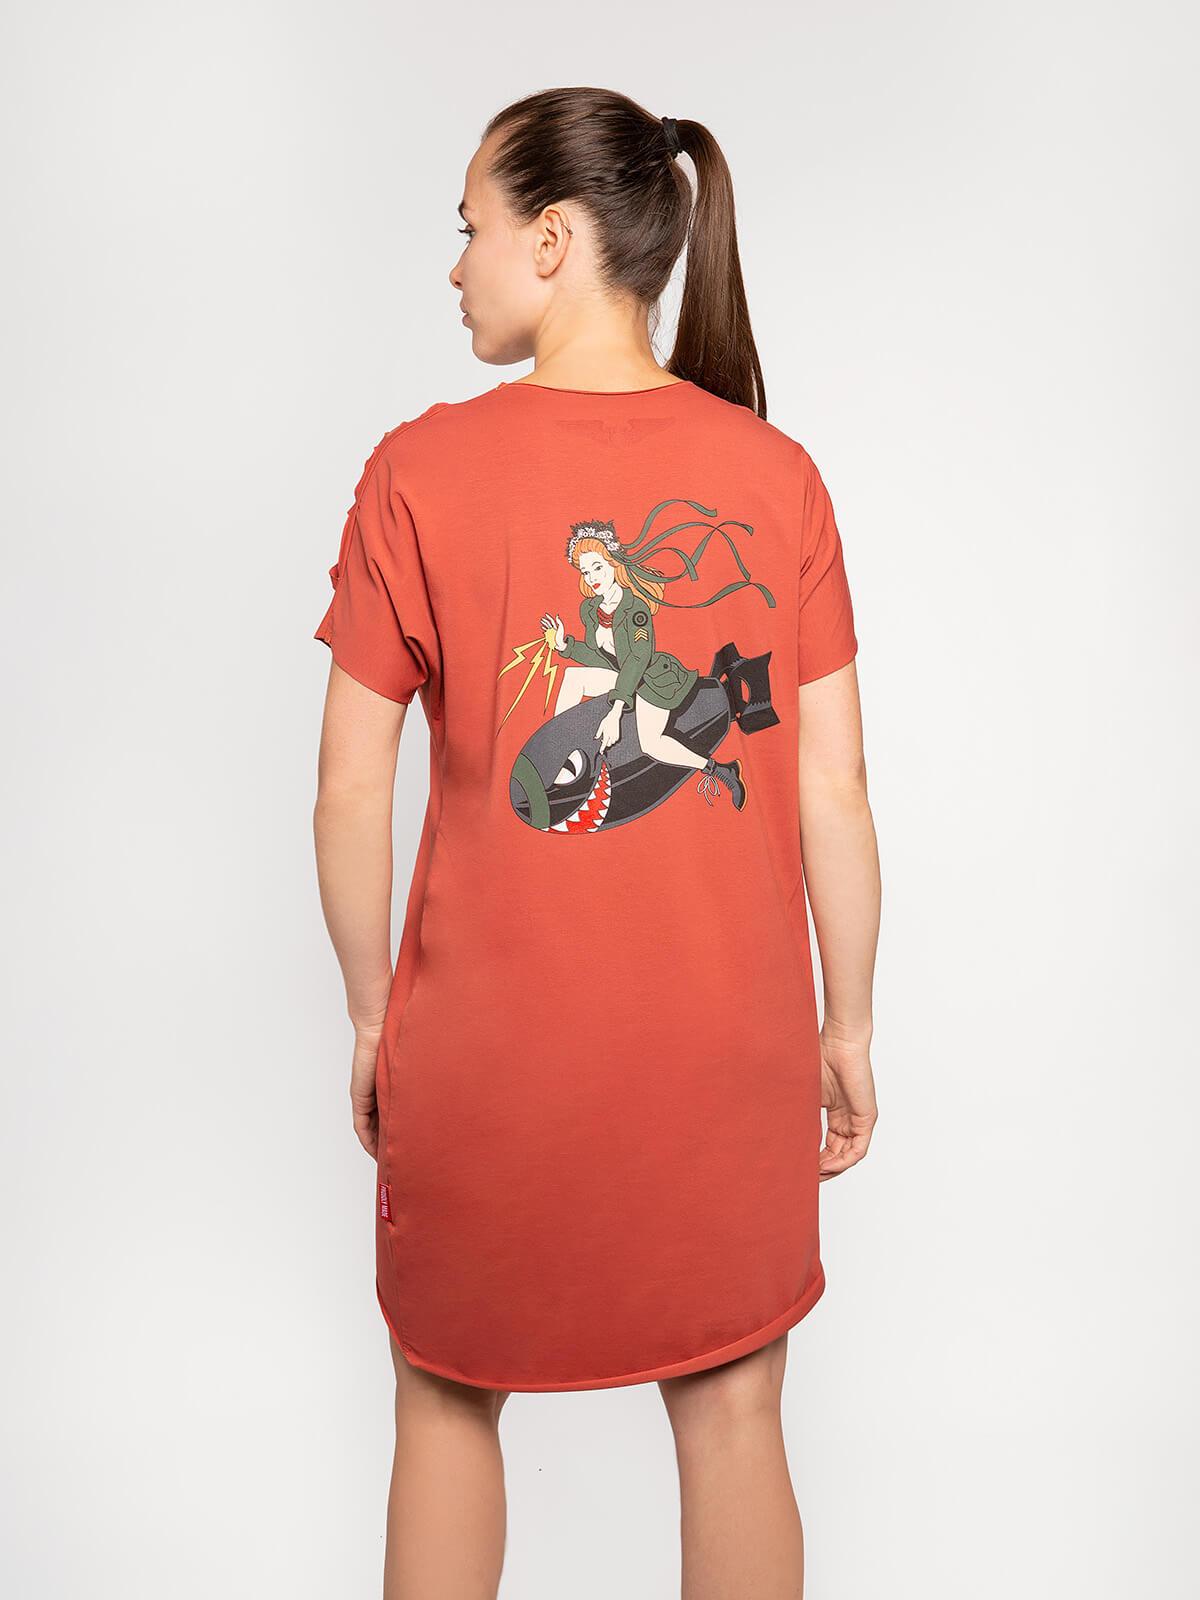 Жіноча Сукня Софійка. Колір теракотовий.  Технологія нанесення зображень: шовкодрук.